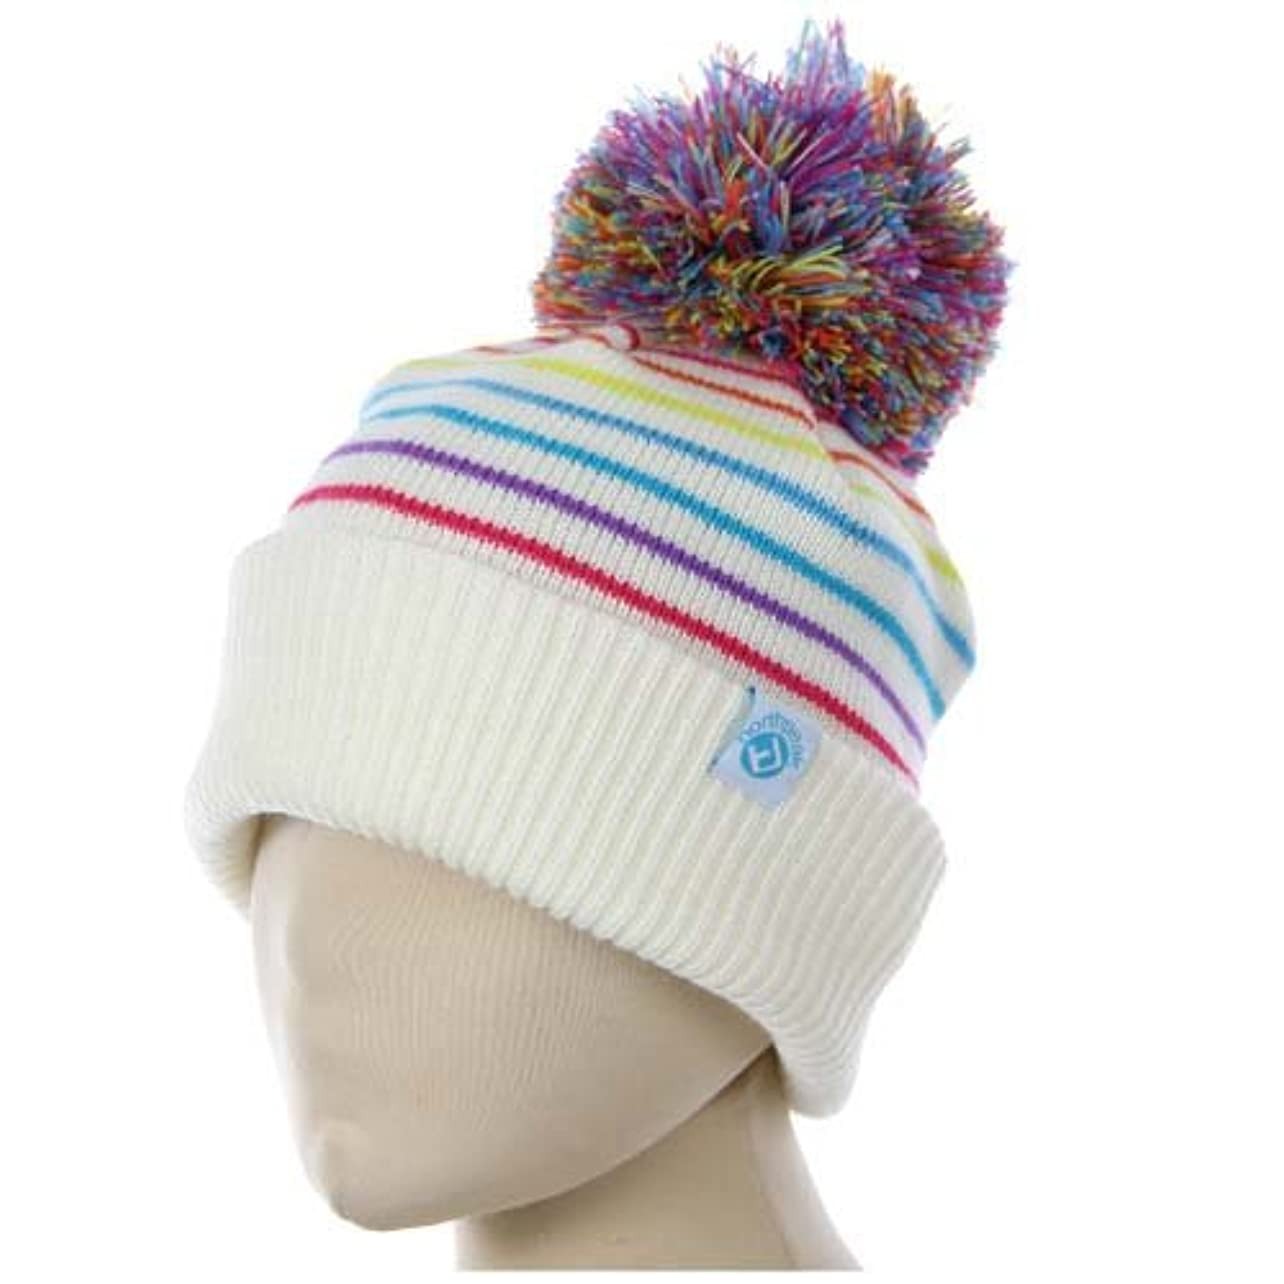 浮浪者略す嵐のnorth peak(ノースピーク) ビーニー ニット帽 ボンボン付き キッズ ジュニア NP-9356 WT フリーサイズ